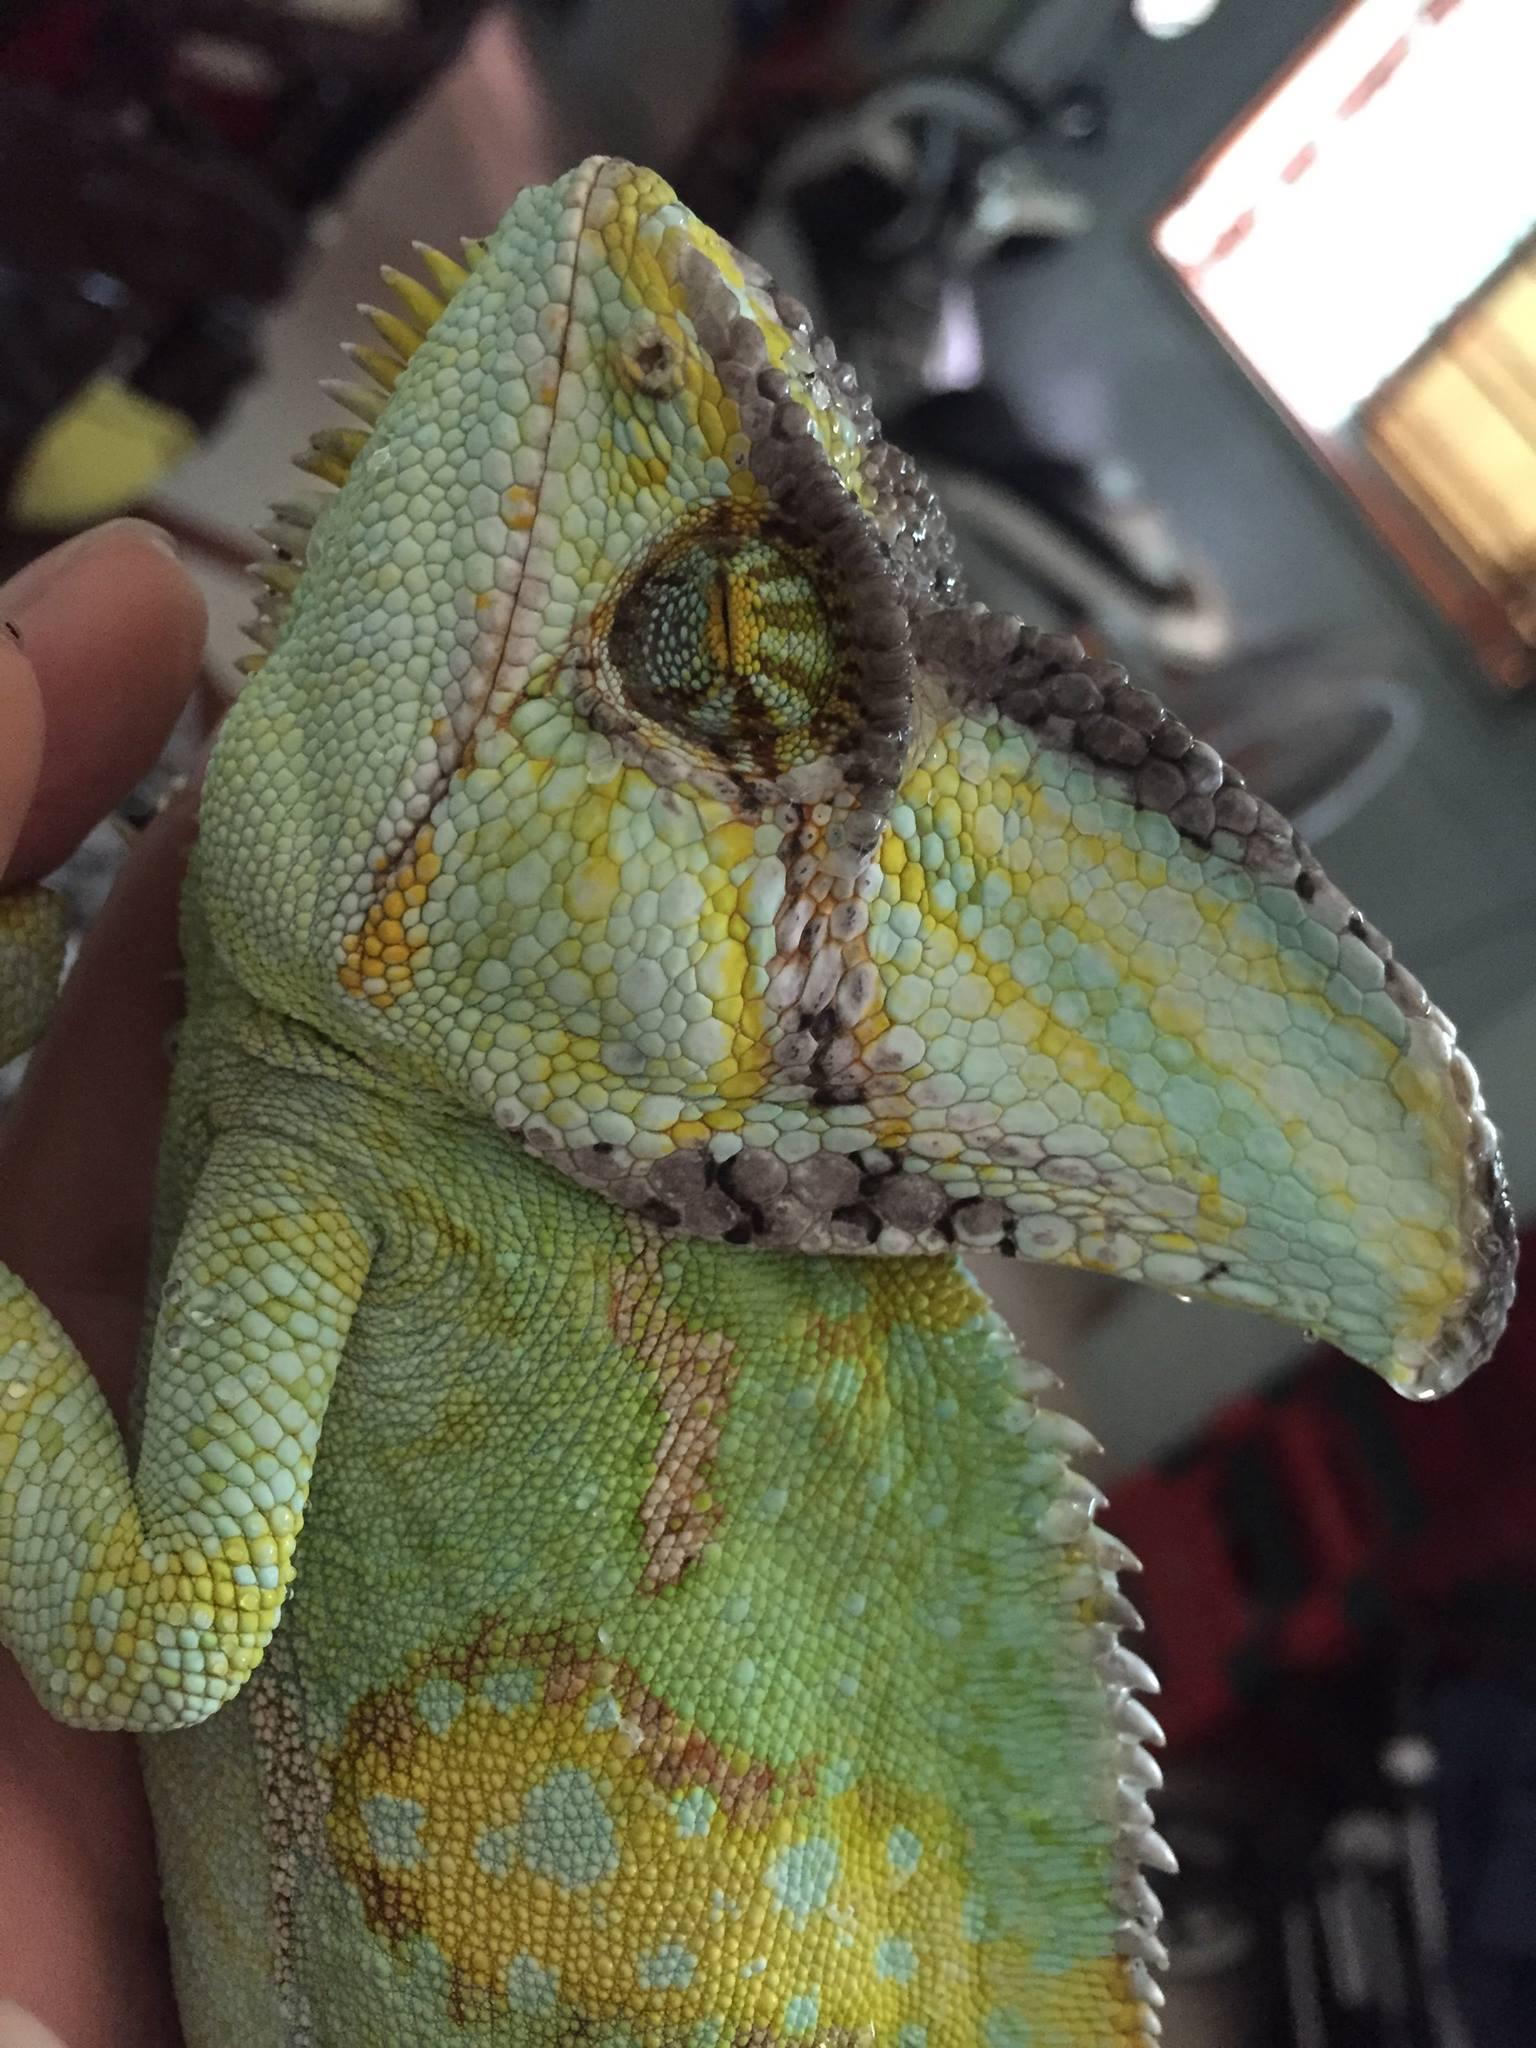 Black spots on a veiled chameleon